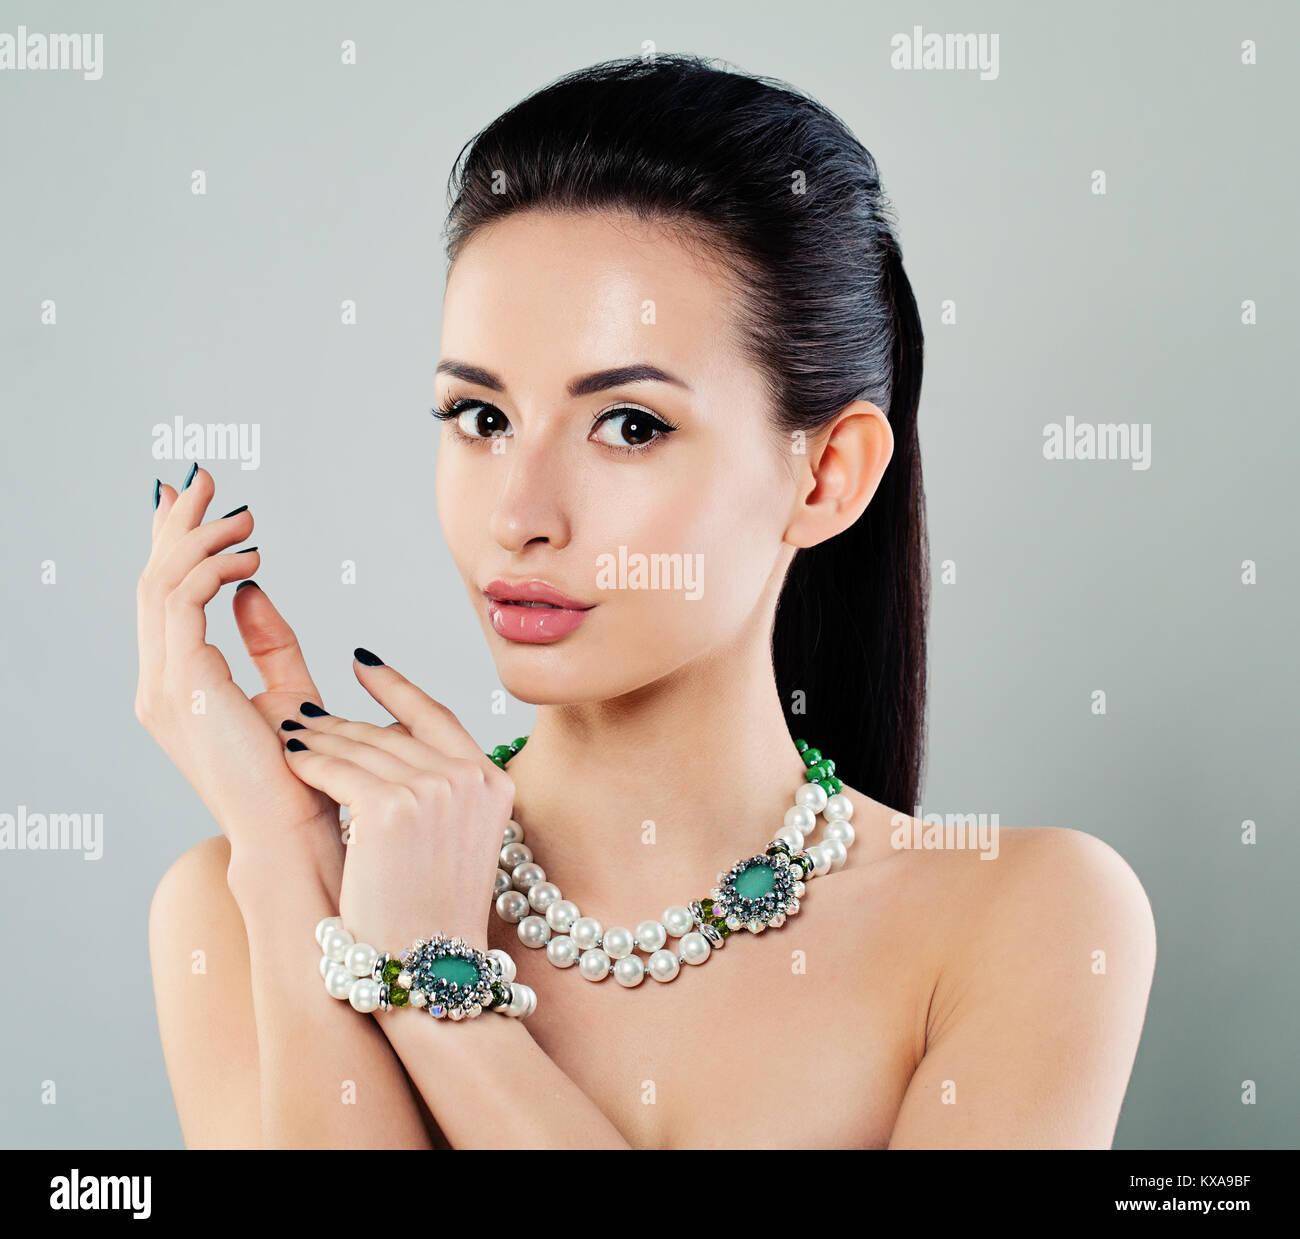 Et Jeune Beau MaquillageManucureCollier Mannequin Le Femme Avec cRj34L5Aq